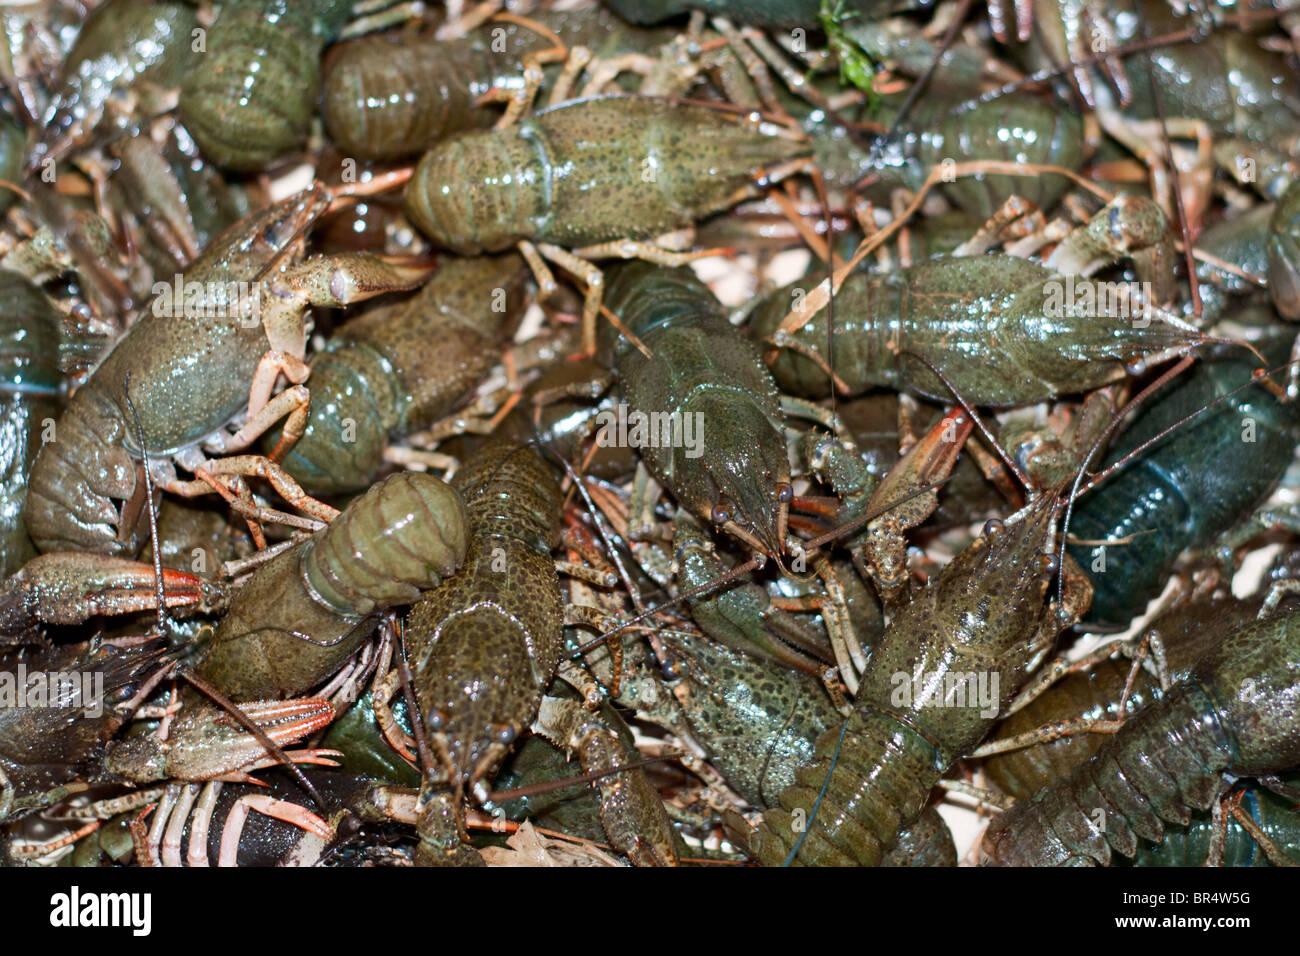 viele live frische grüne Langusten Stockbild